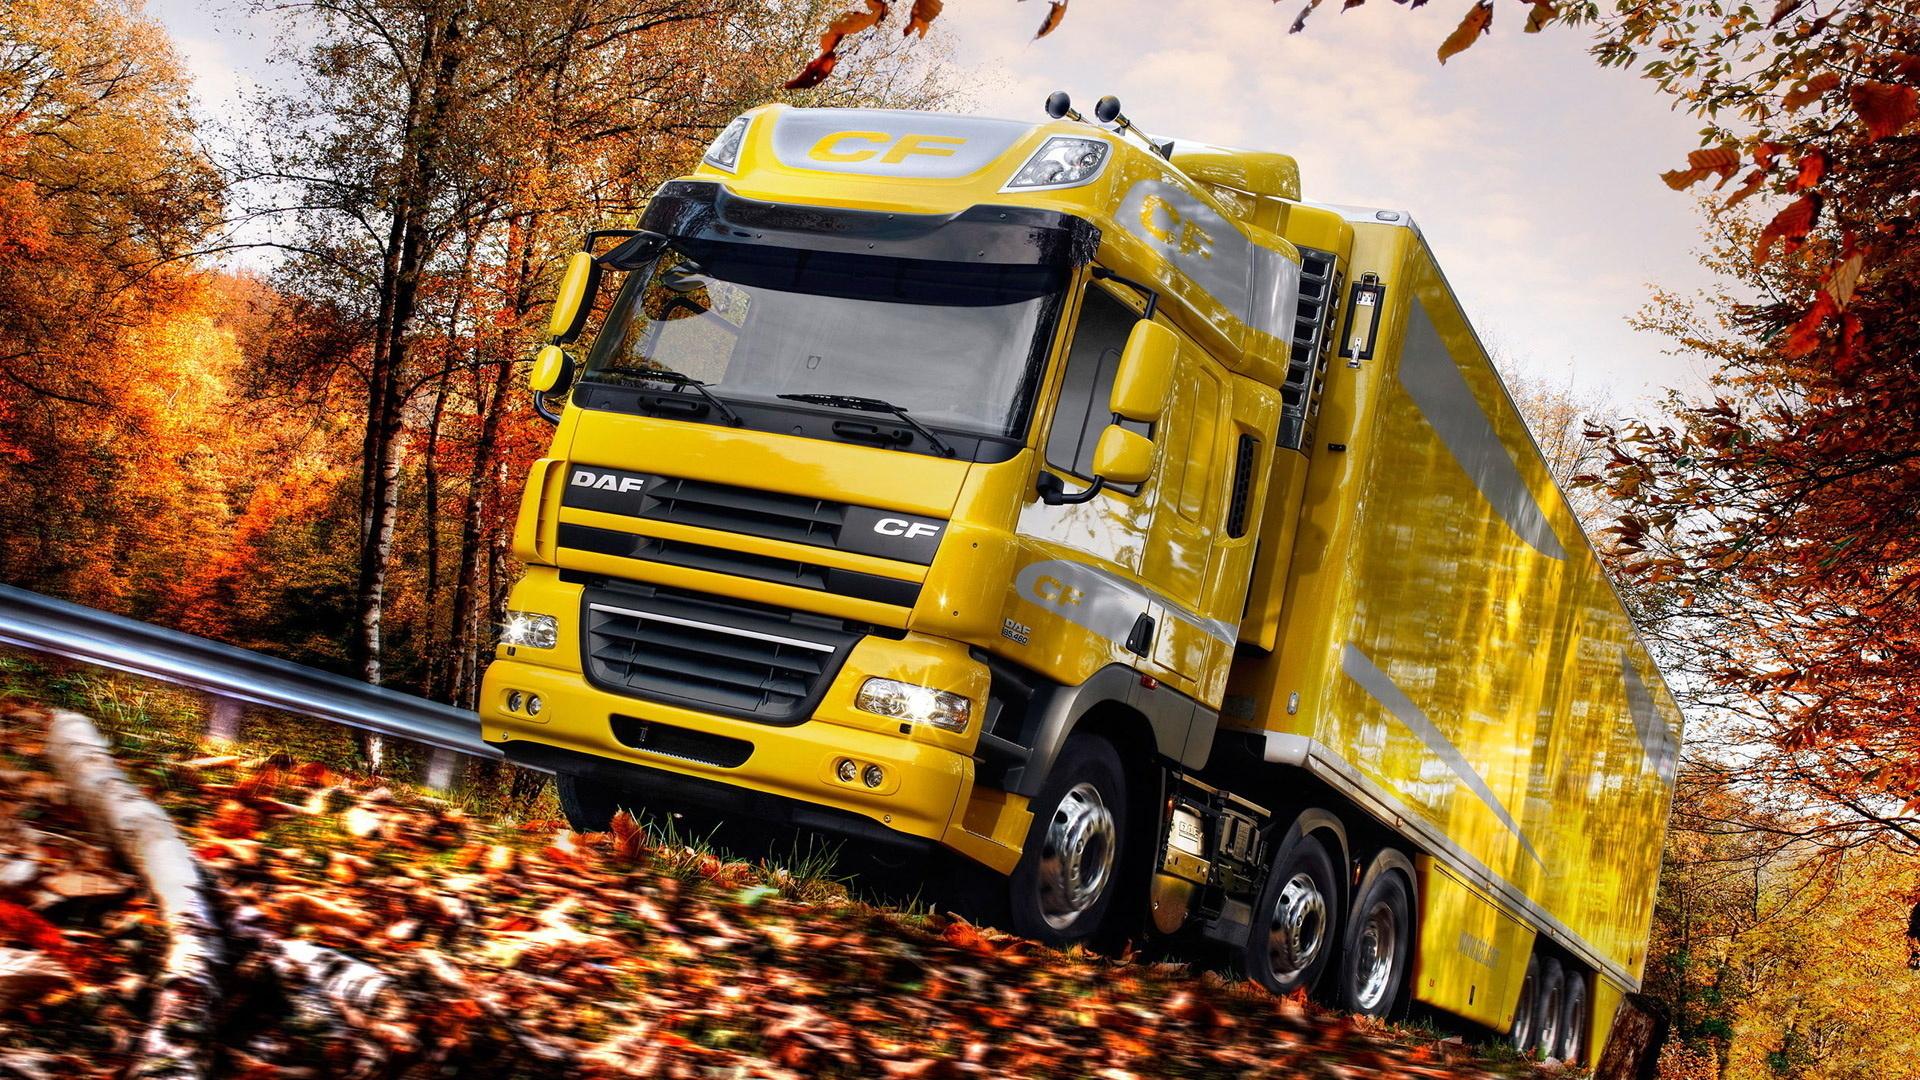 красивые картинки грузовиков